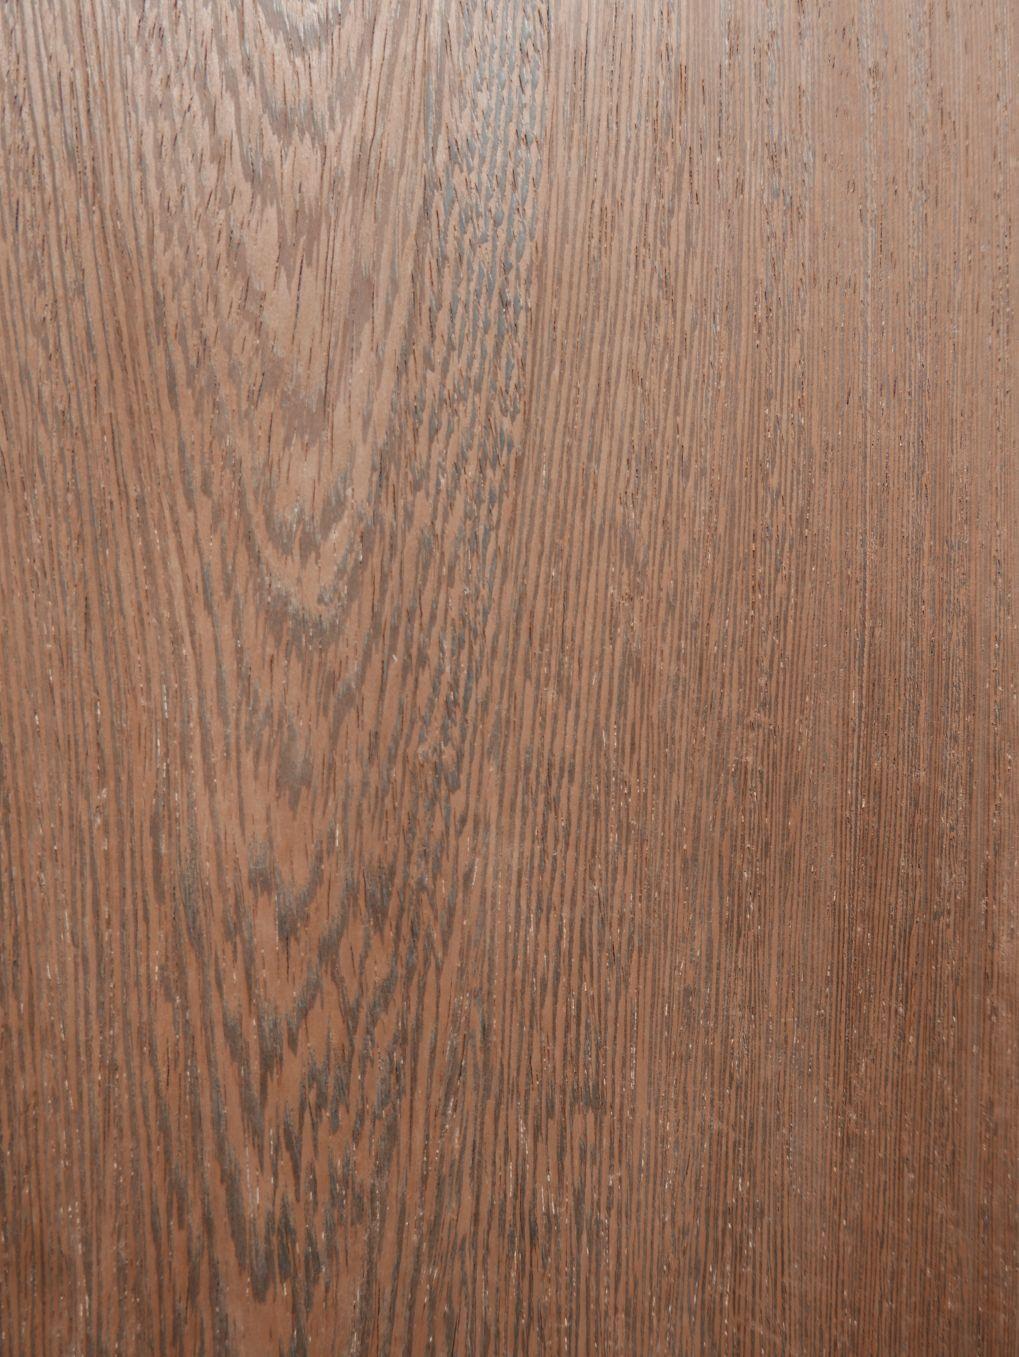 A0163-4 Wenge 22.5x260cm 17st